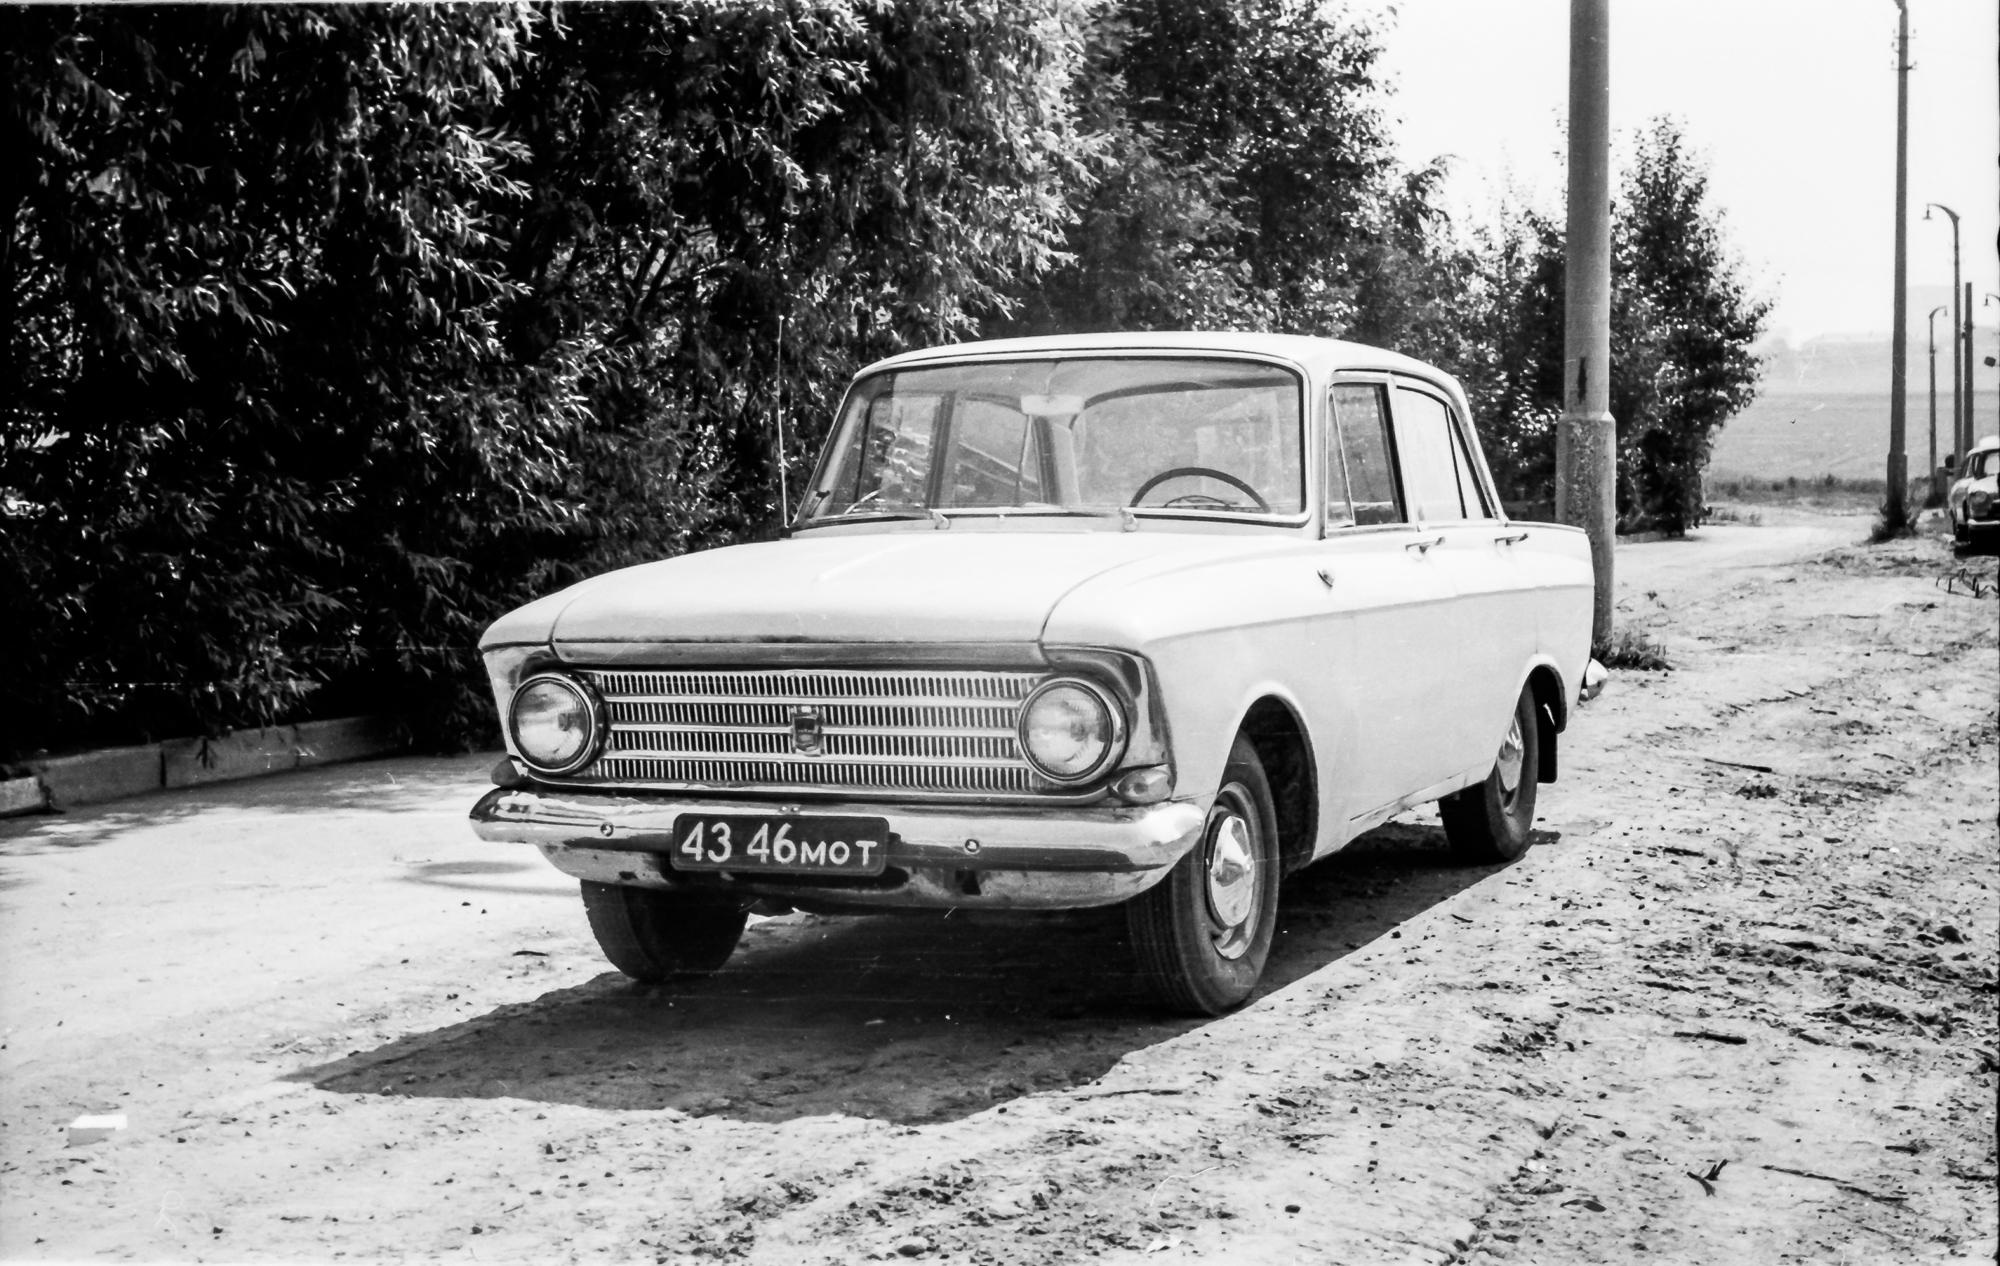 1971 Москвич-408 на улице Елены Колесовой, спуск на Озерную, там еще нет домов, просто поля, за кустами слева дом 5 по Колесовой